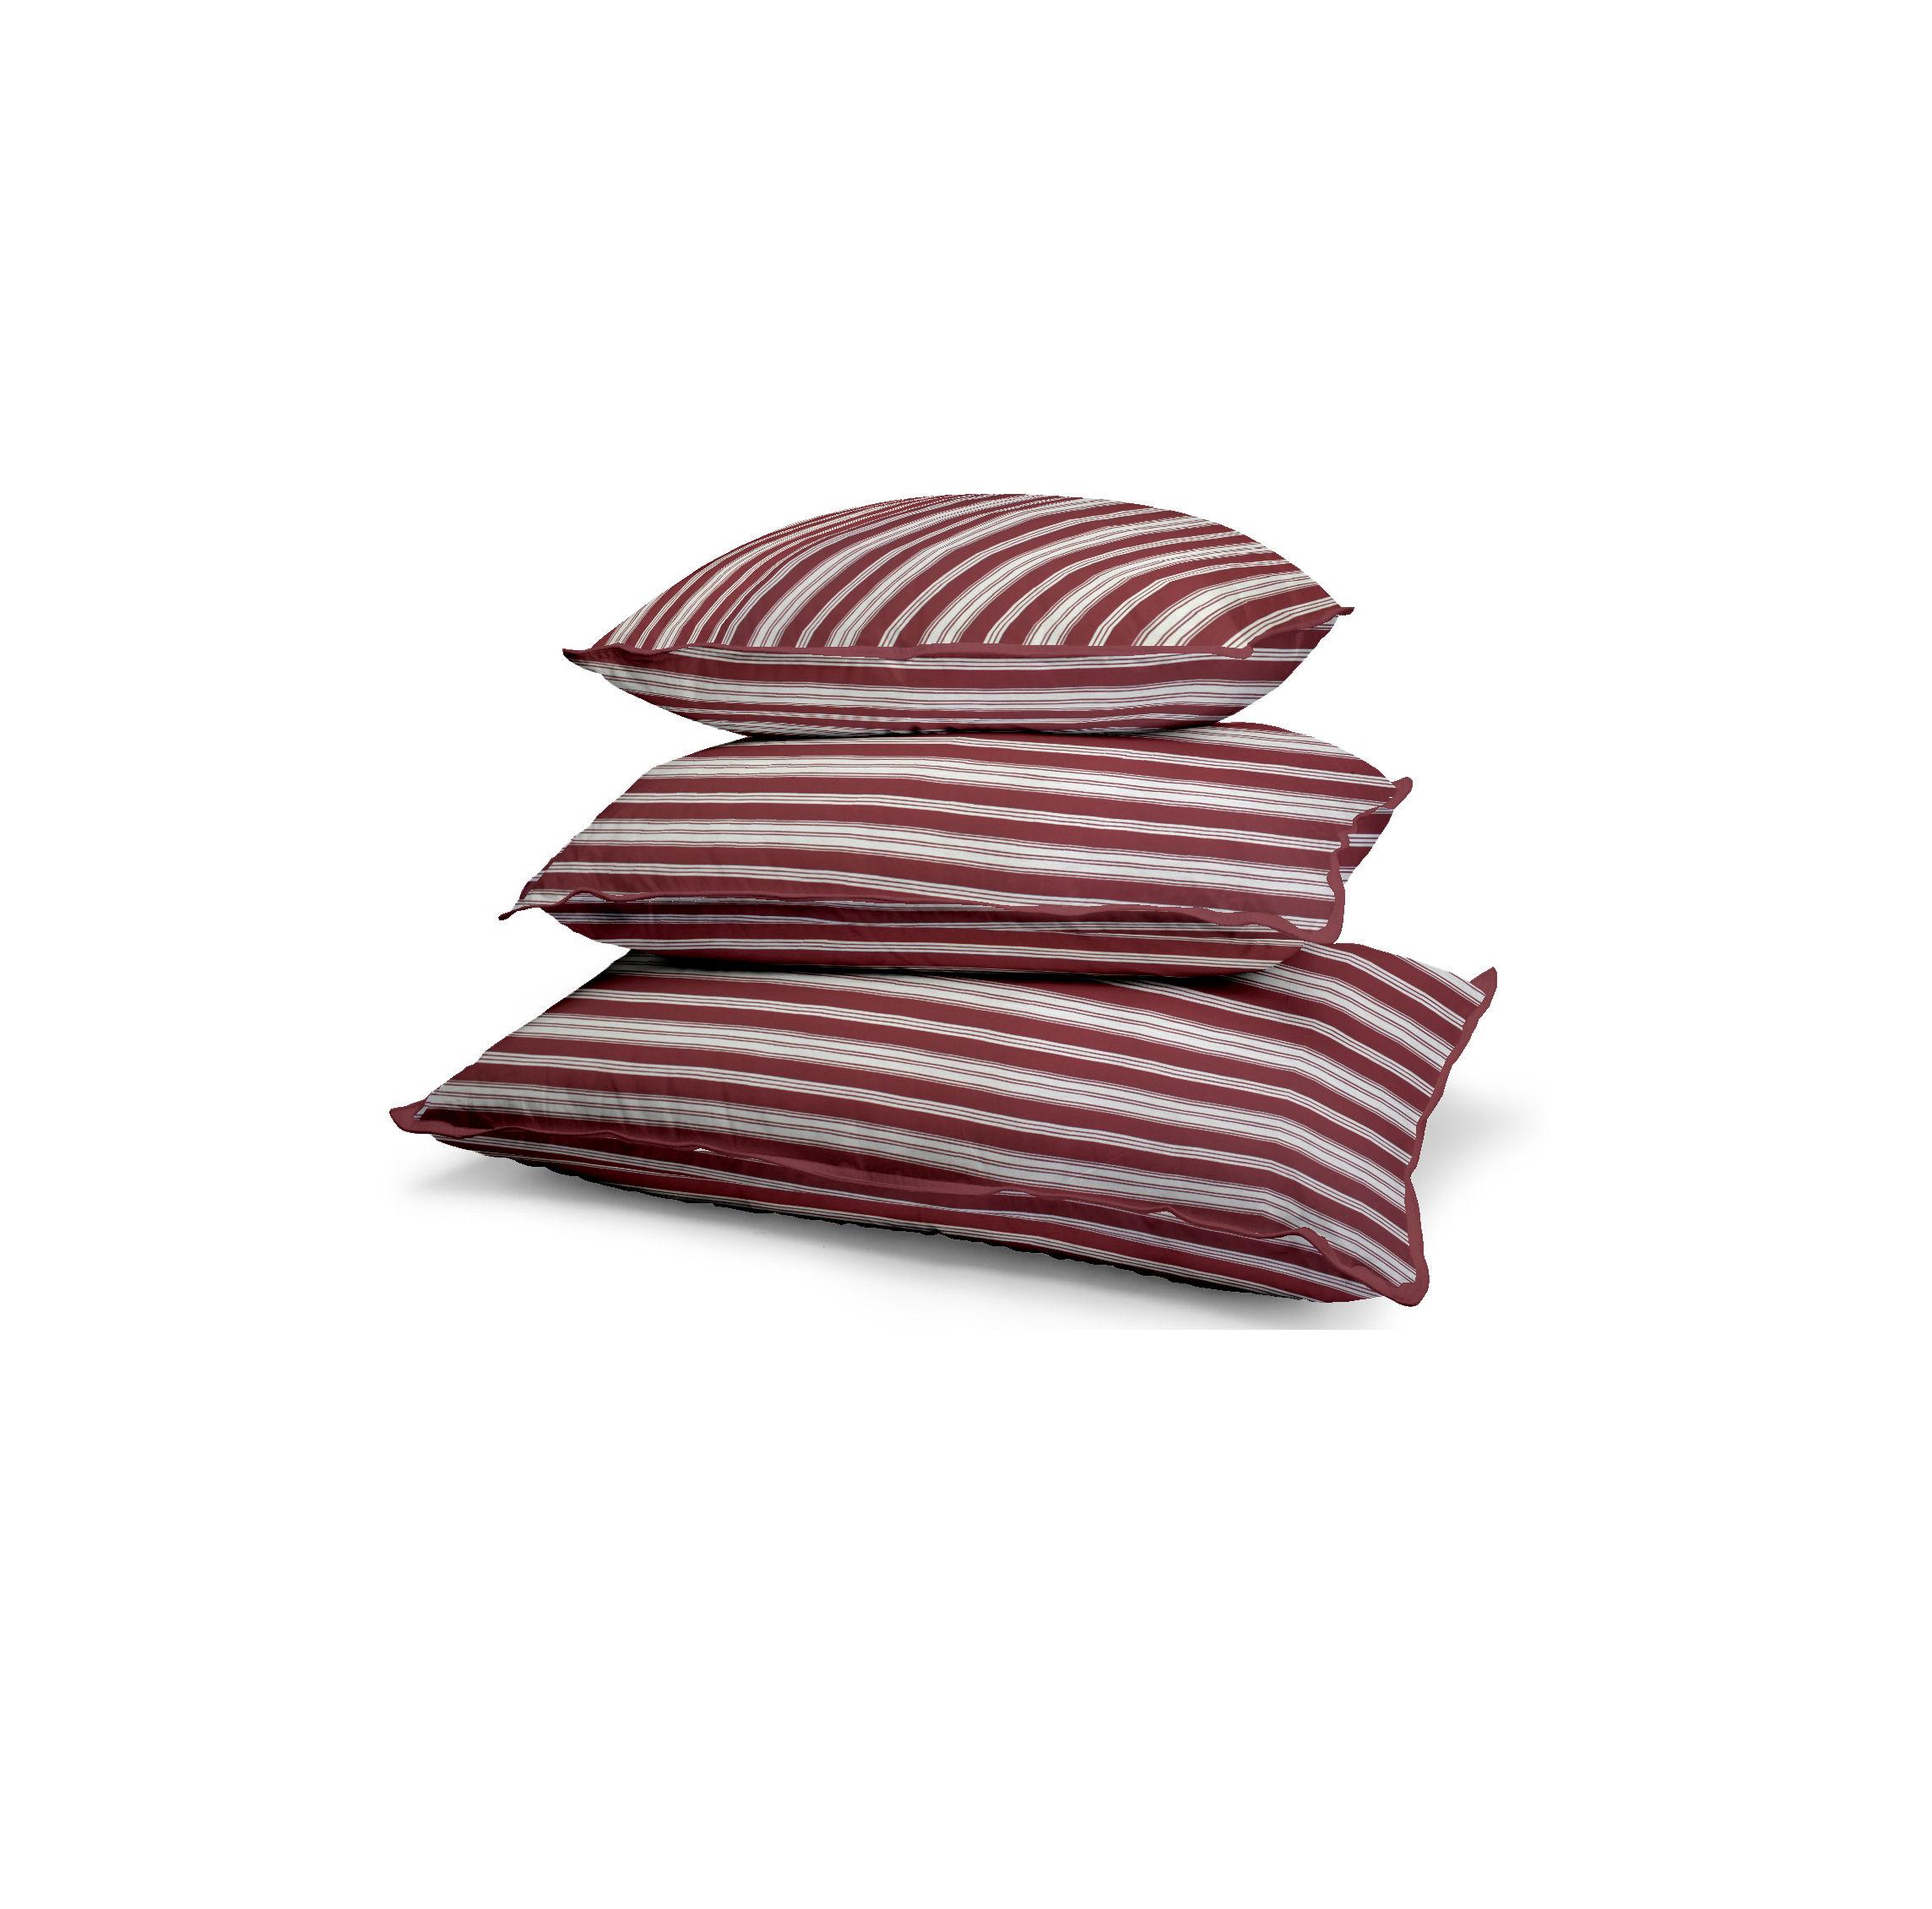 Deko tisak, crvene prugice, 11882